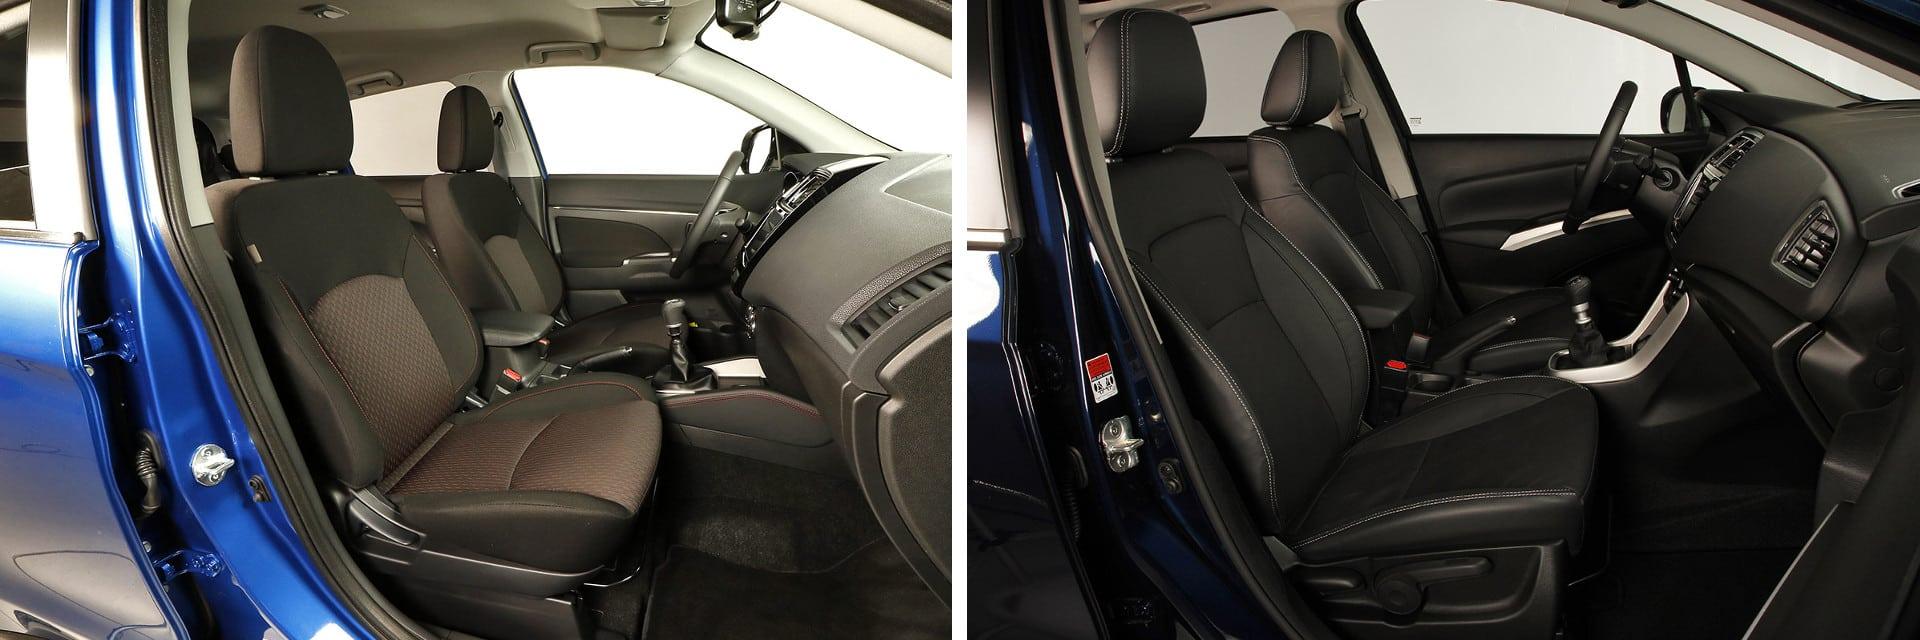 Los asientos delanteros de ambos modelos cuentan con un mullido cómodo, pero con poca sujeción para la espalda.